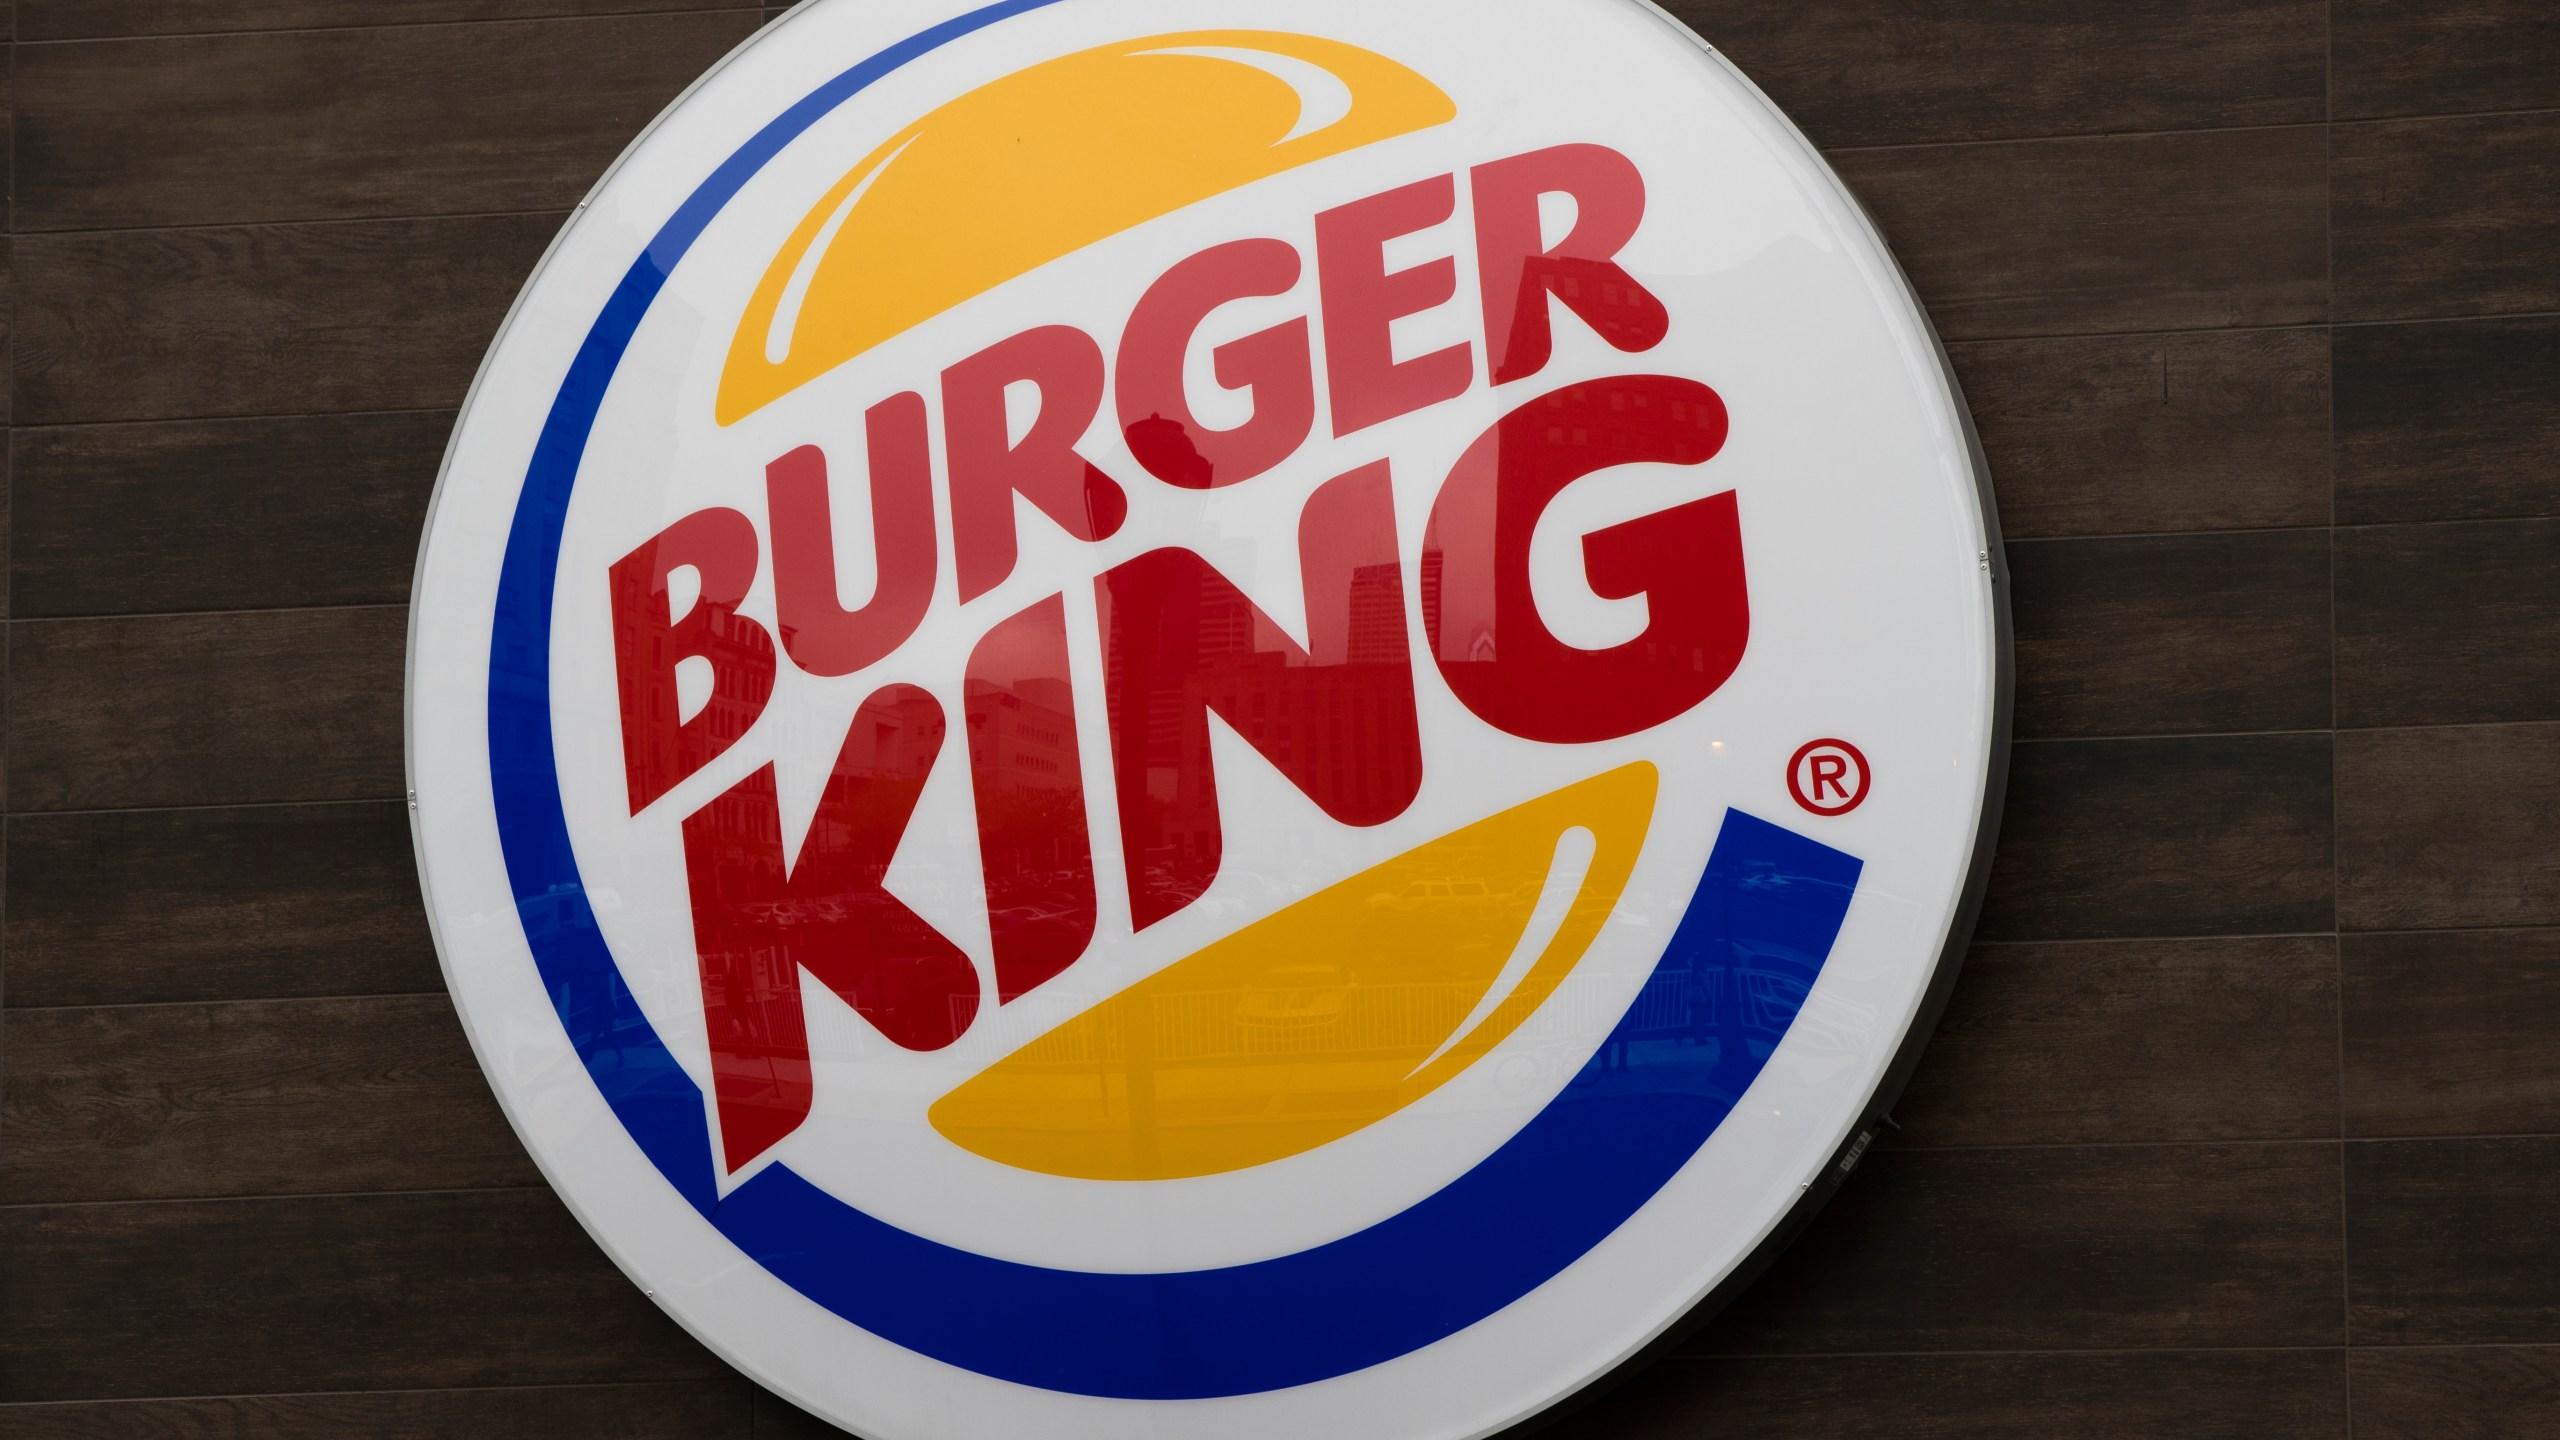 Burger_King_24929-159532.jpg49806879